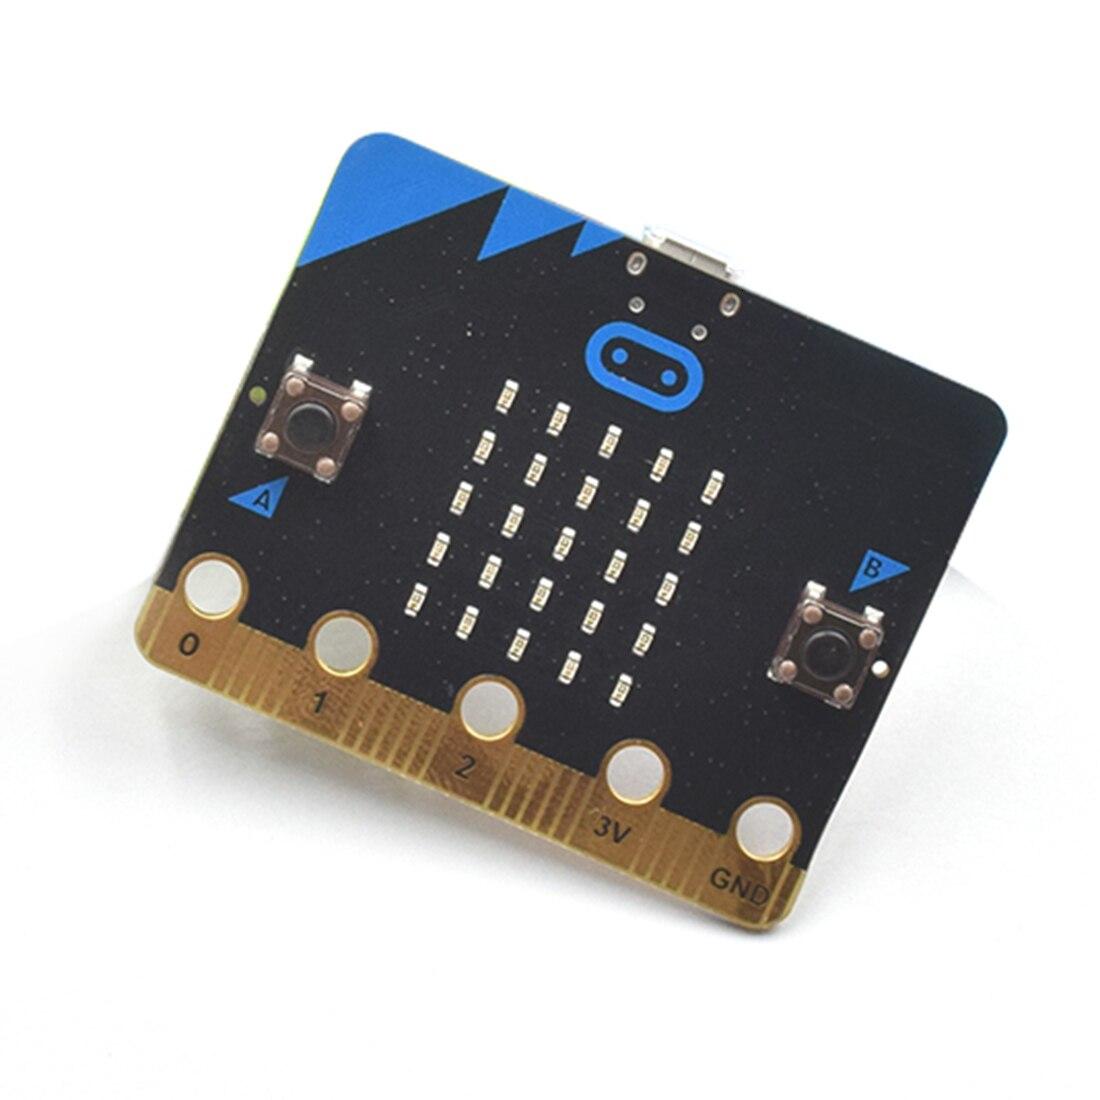 Rowsfire 1 компл. Микробит графическое Программирование стартовый сенсор комплект для Chidren Adilt творческие подарки